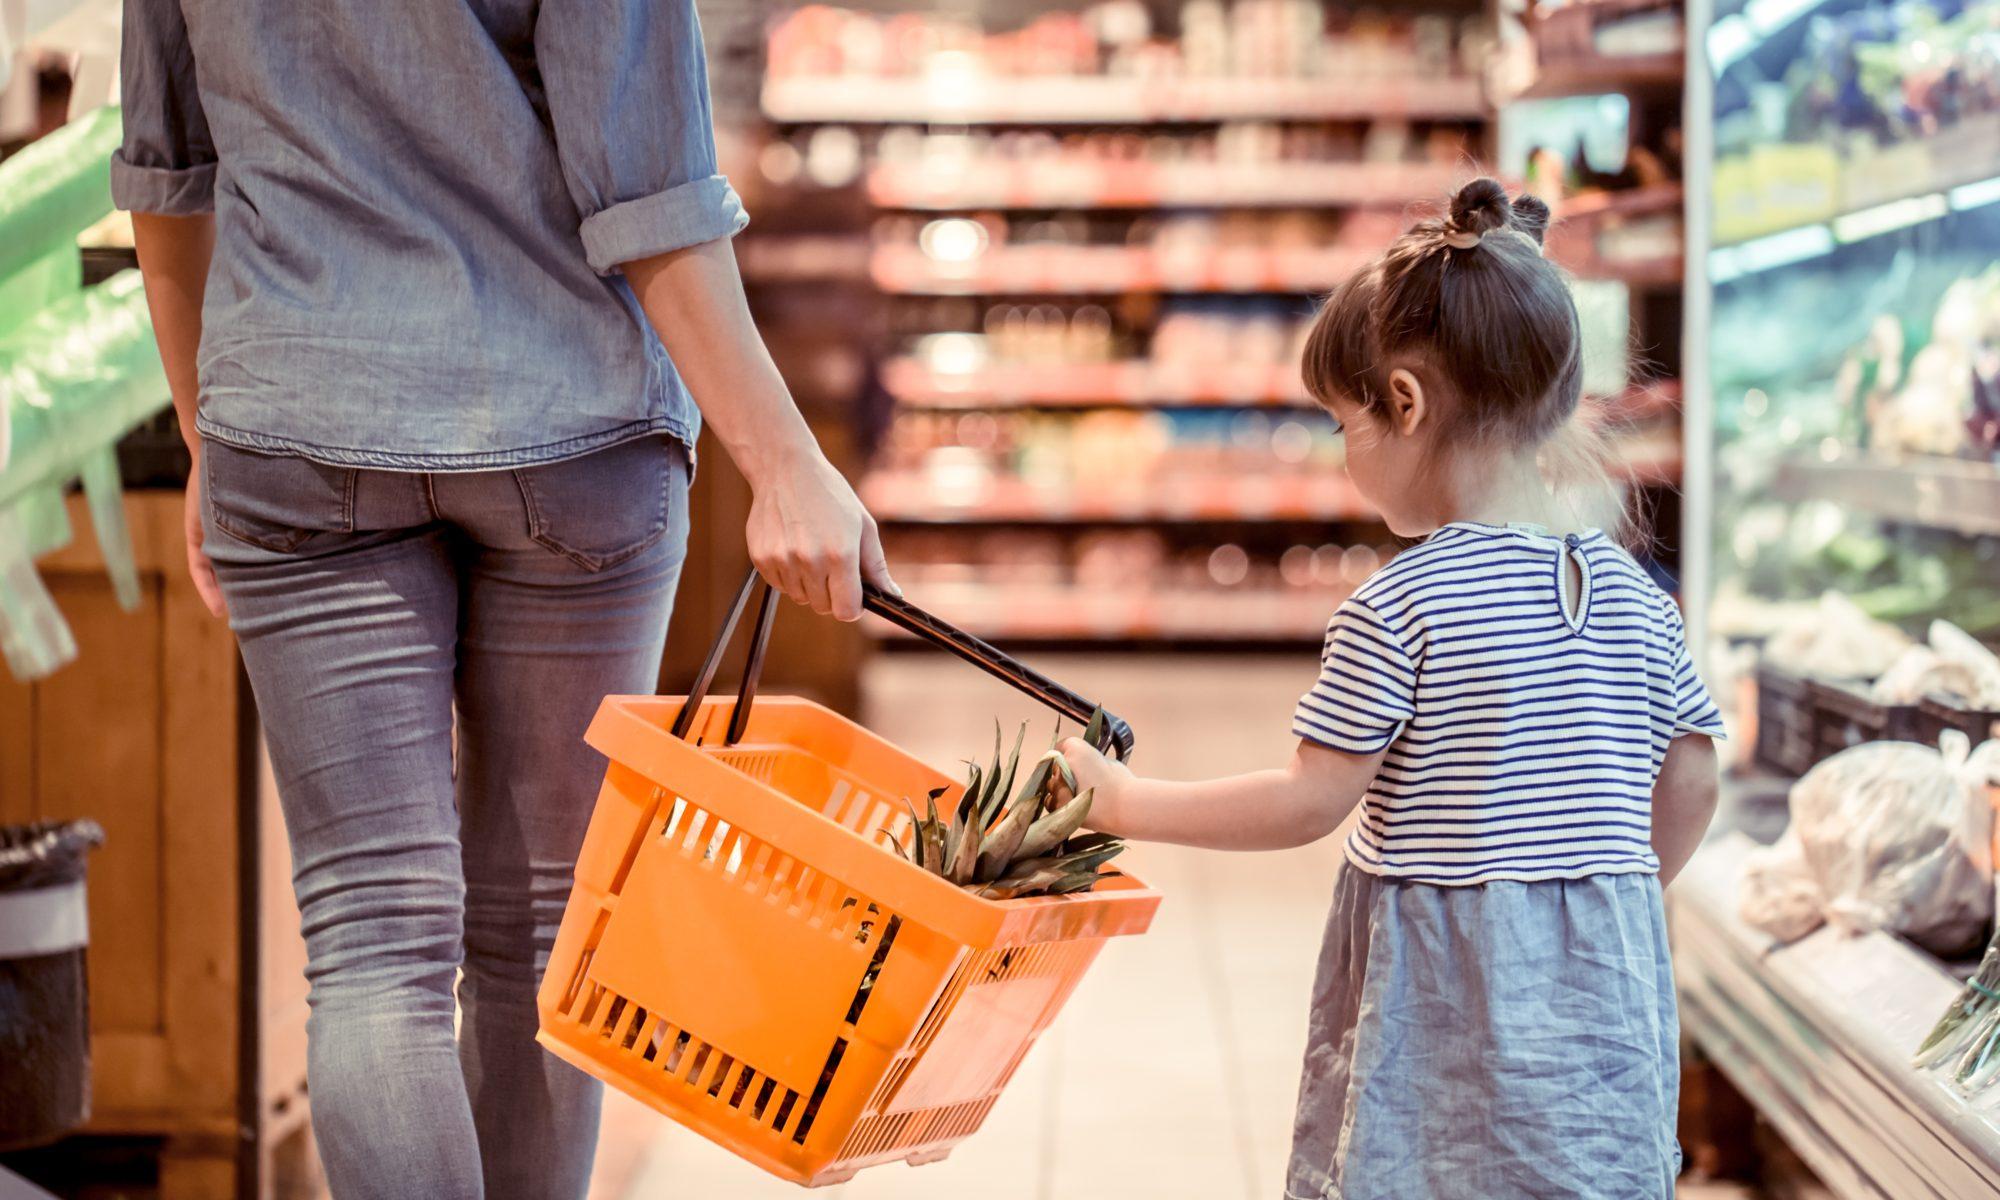 matka i córka w niedzielę handlową w sklepie na zakupach